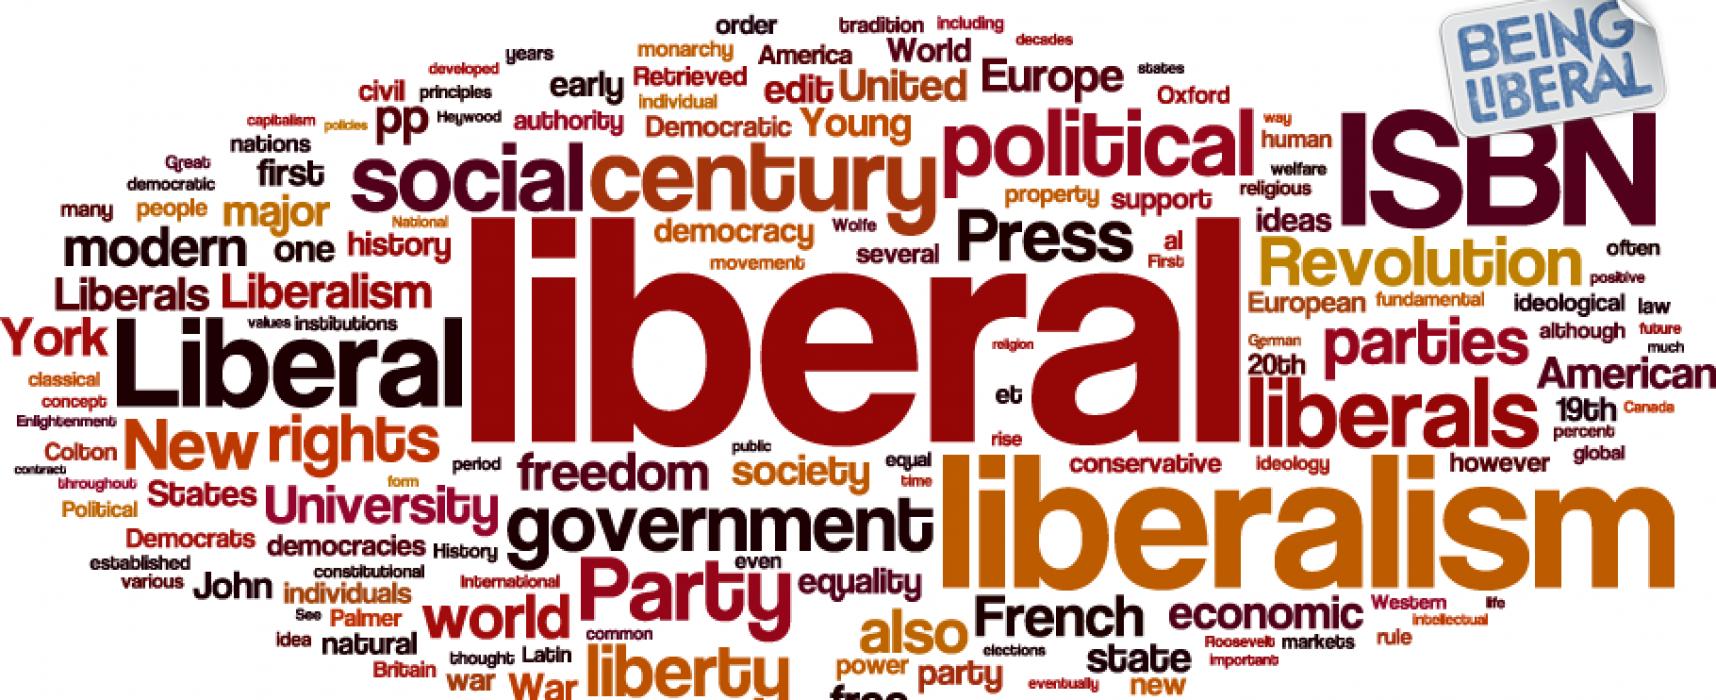 Sociologický průzkum objednaný Sputnikem ukázal, že obyvatelé Západu jsou zklamaní z liberalismu. Nezávislé průzkumy to však nepotvrzují